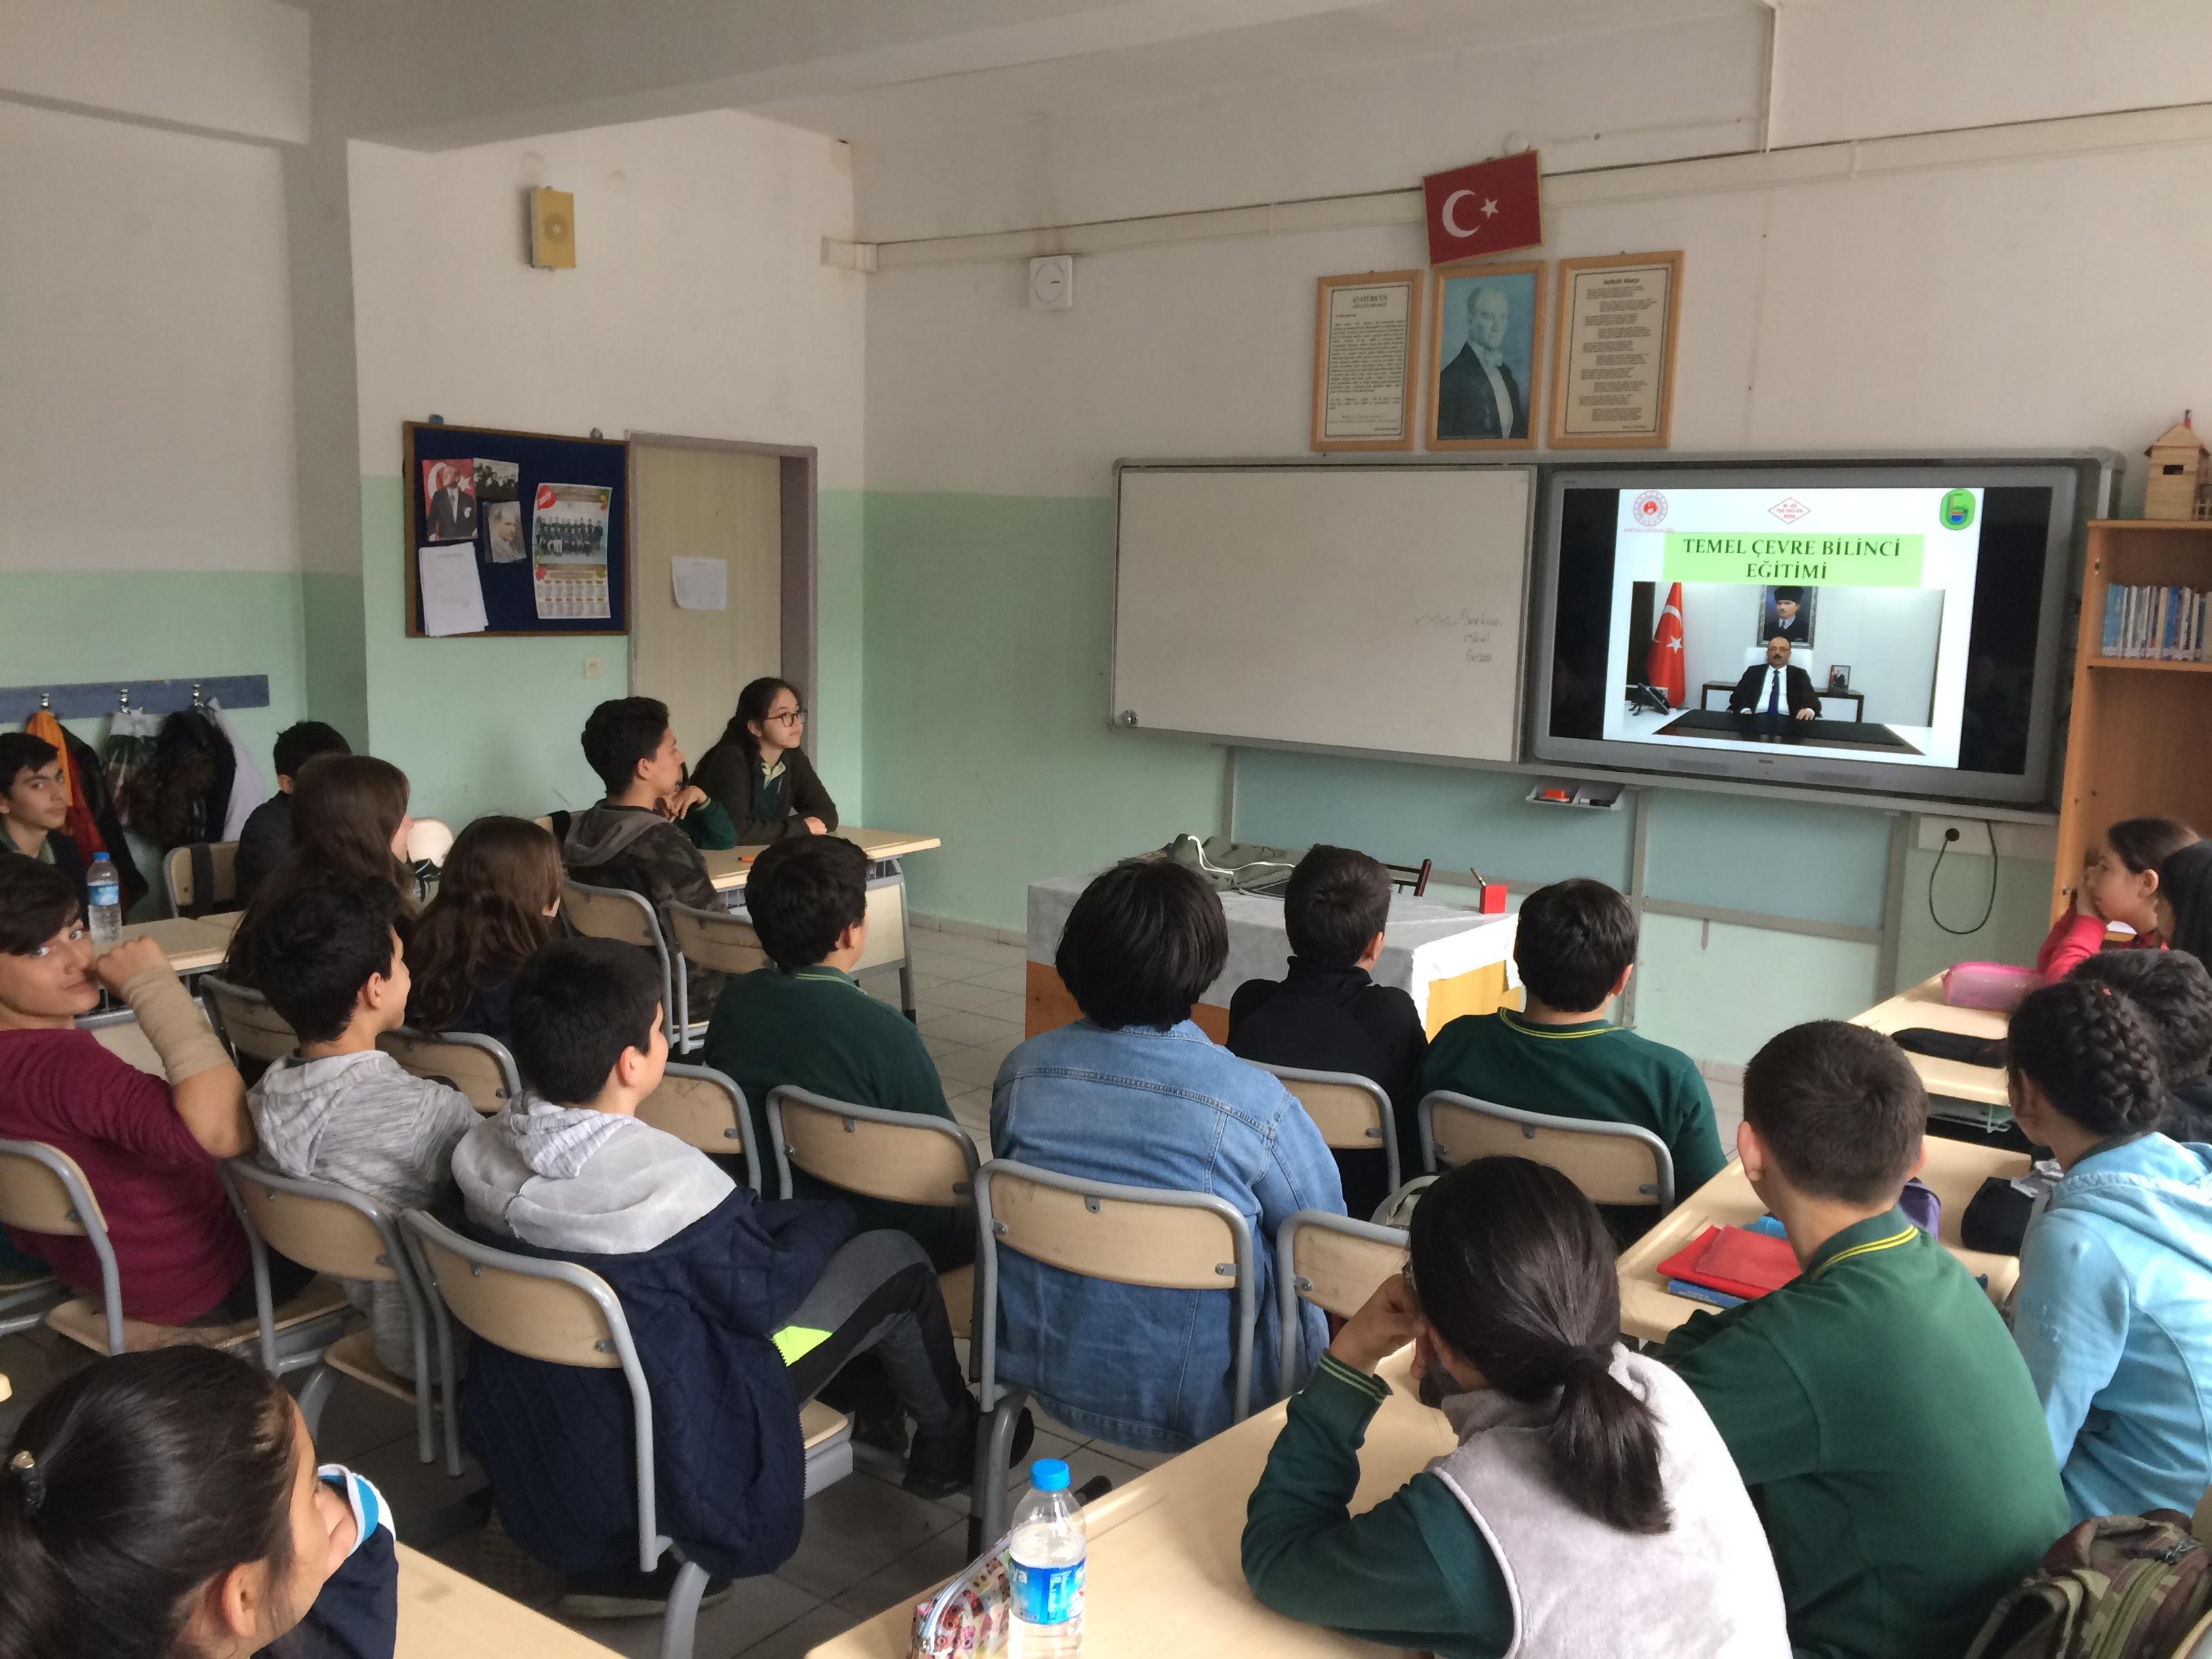 75. Yıl Cumhuriyet Ortaokulu'nda Sıfır Atık Konulu Eğitim Verildi